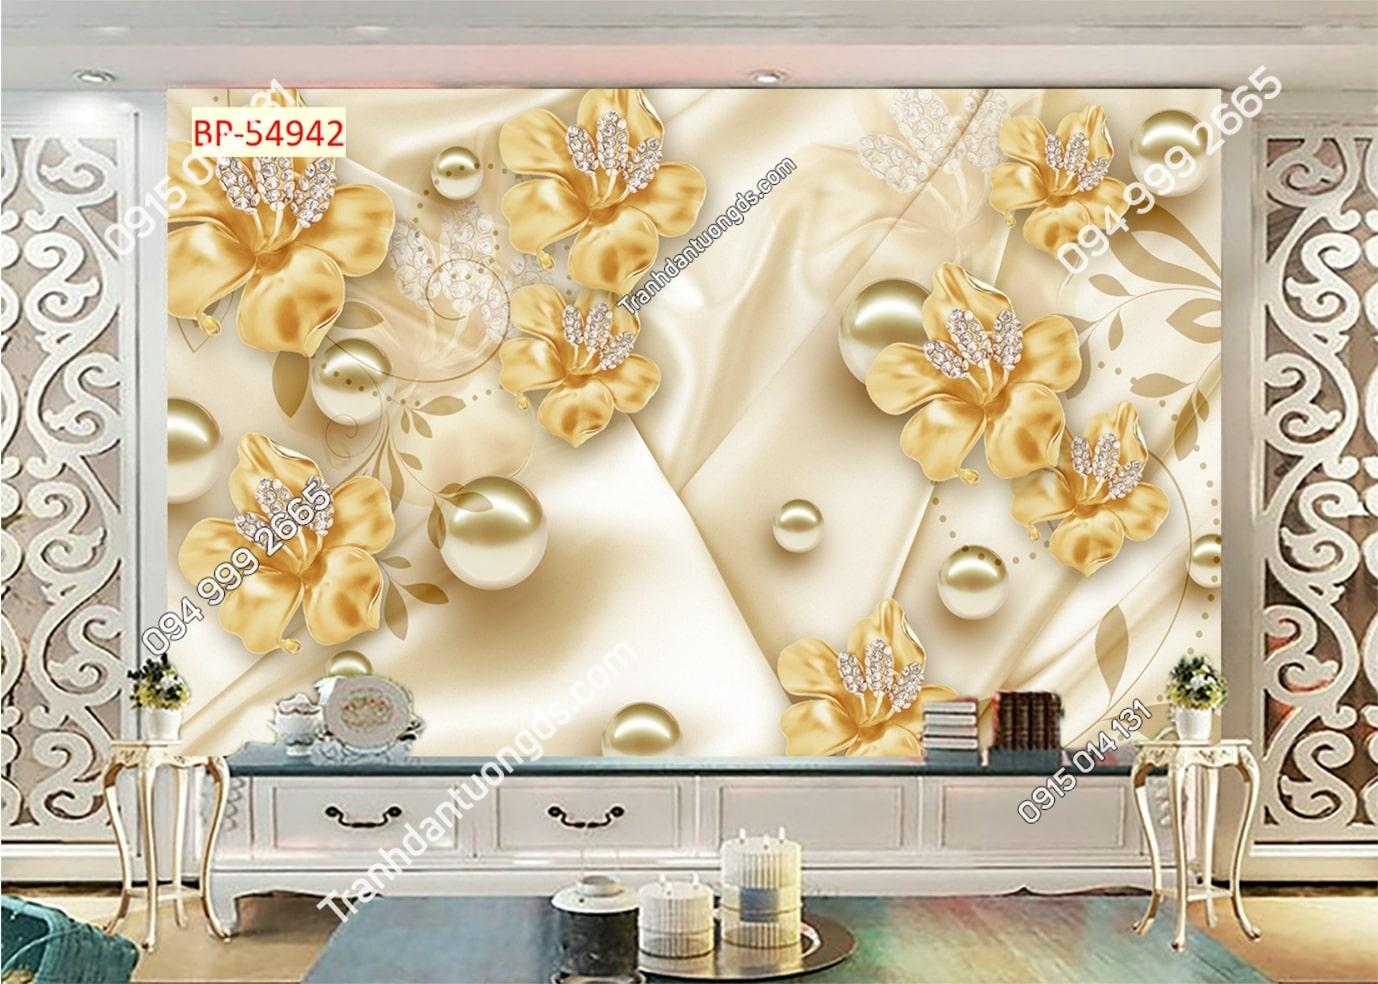 Tranh dán tường hoa 3D vàng ngọc trai 54942